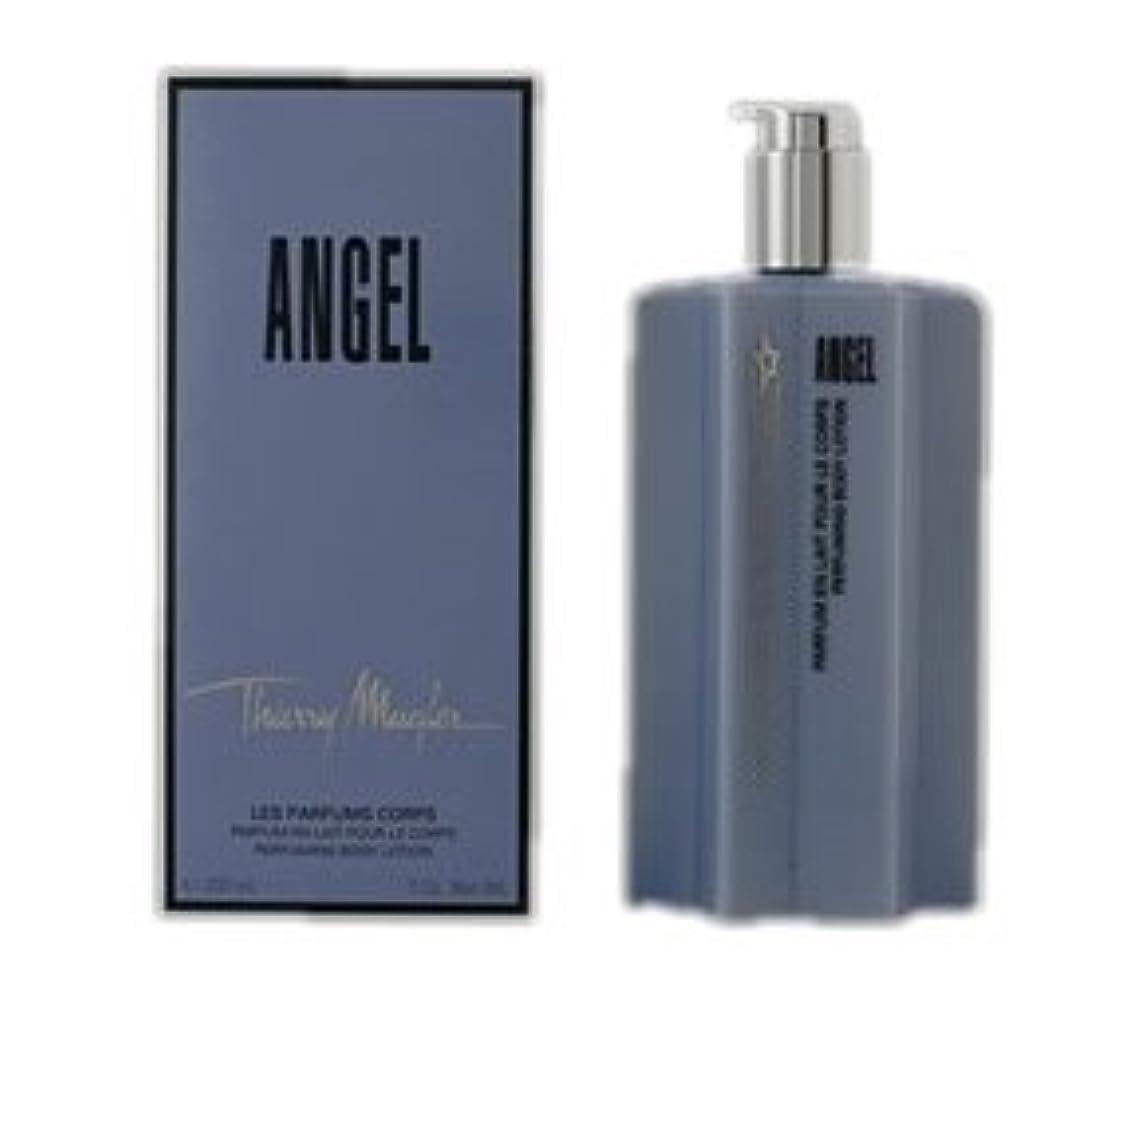 縮れた硫黄祭司Thierry Mugler Angel Perfuming Body Lotion 200ml [並行輸入品]